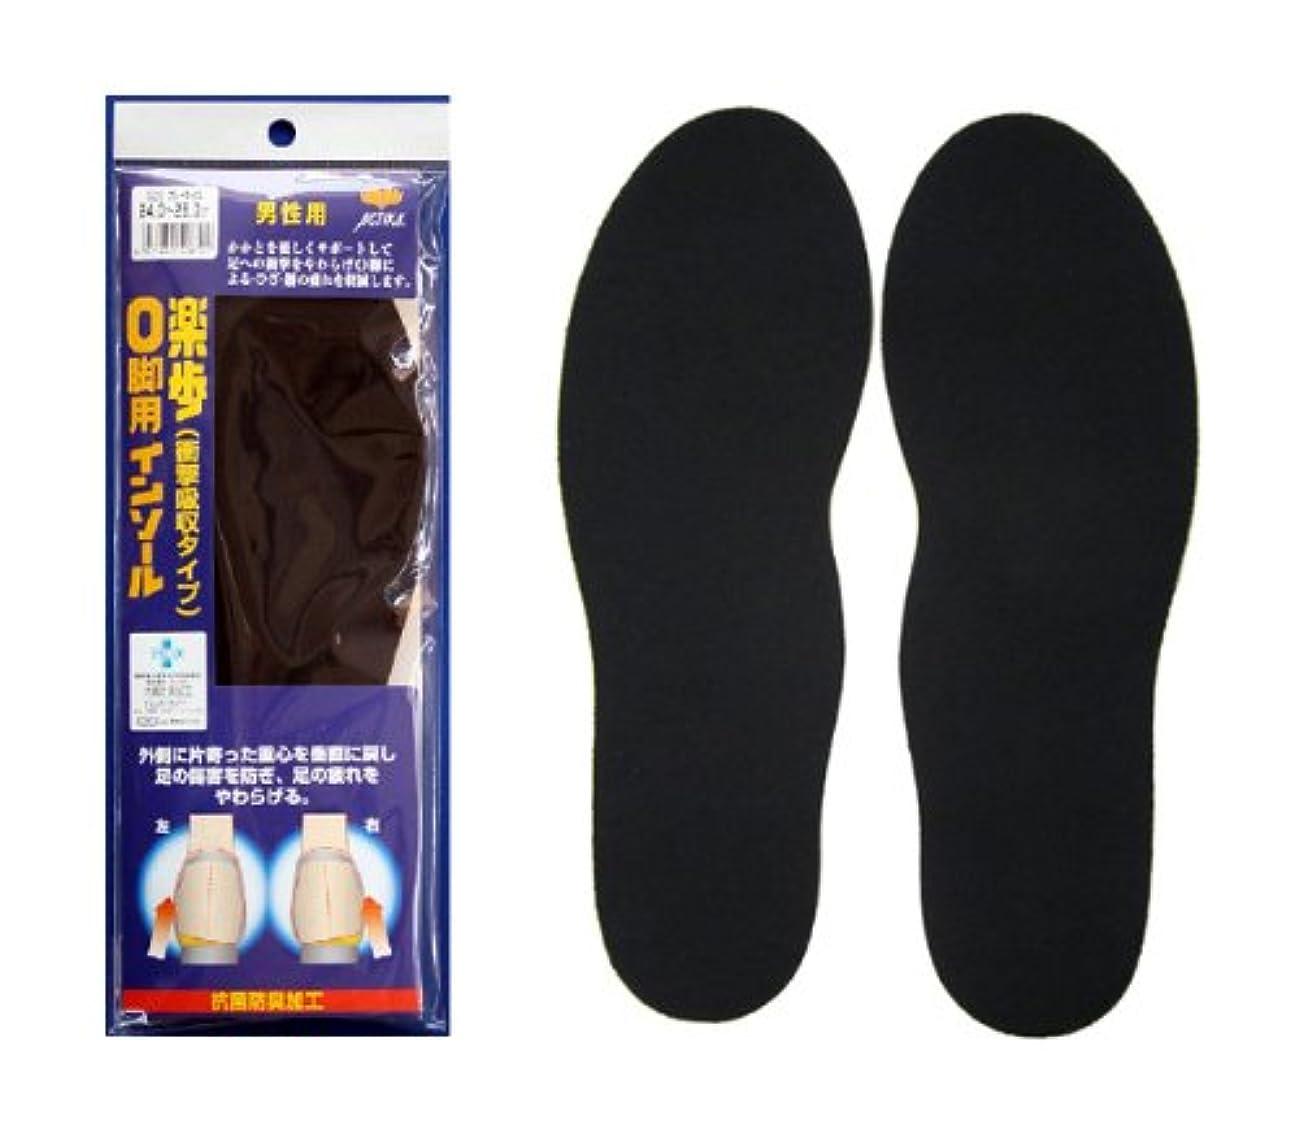 性格ステープル然とした楽歩 O脚用インソール 男性用(24.0~28.0cm) 2足セット  No.162